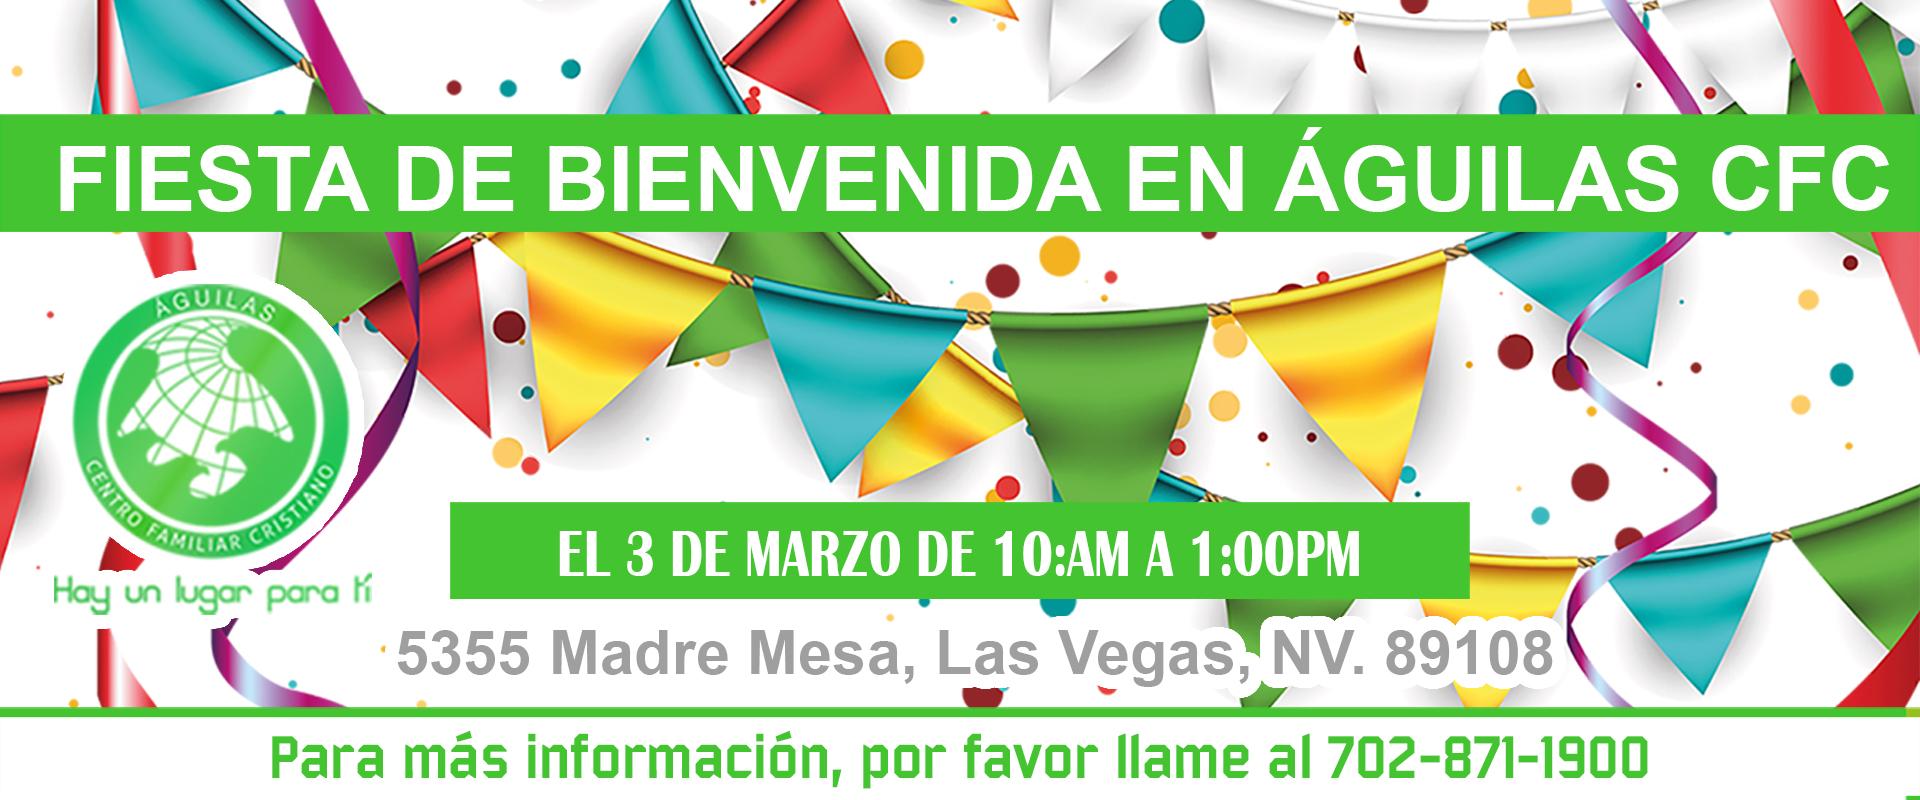 Fiesta de Bienvenida el 3 de marzo